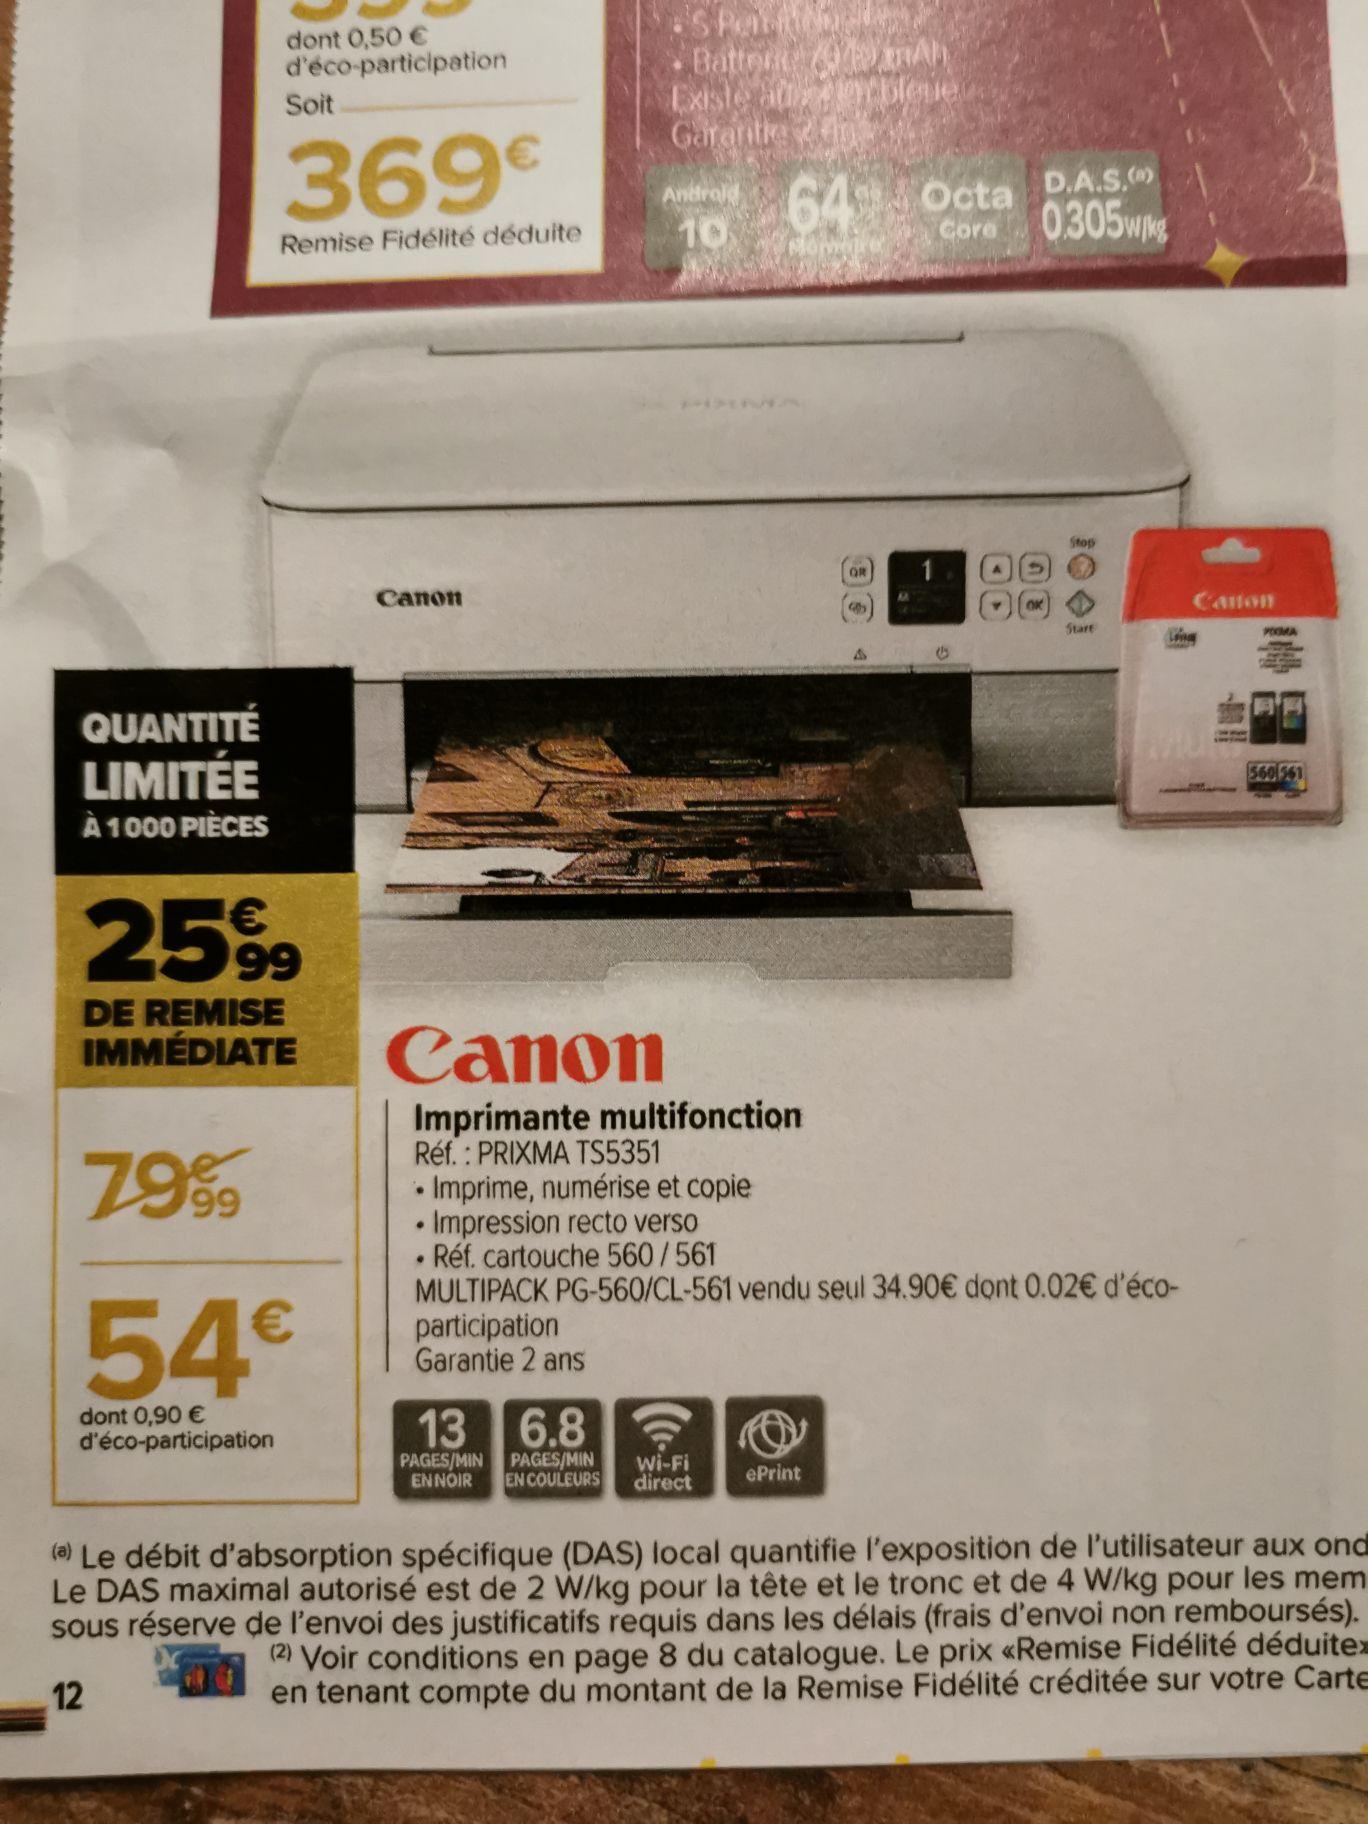 Imprimante Canon prixma TS5351